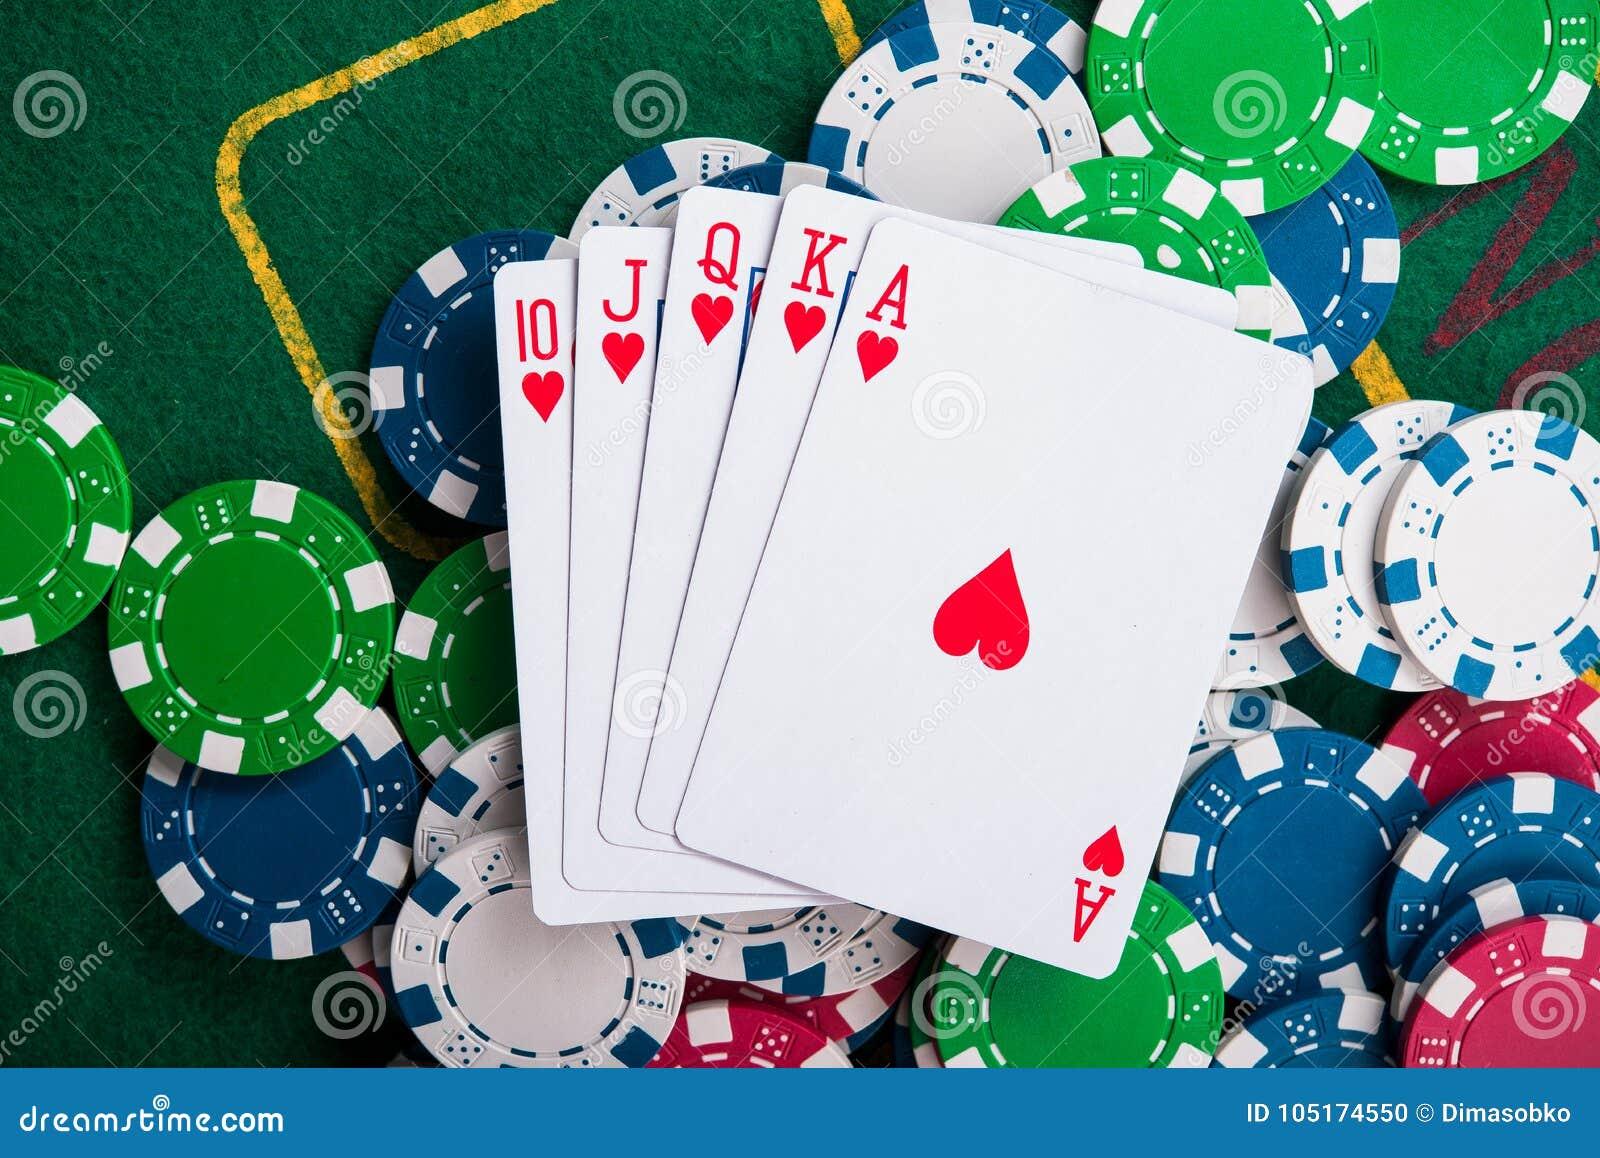 Казино флеш бесплатно флеш казино какие игры можно играть на картах и их правила 36 карт